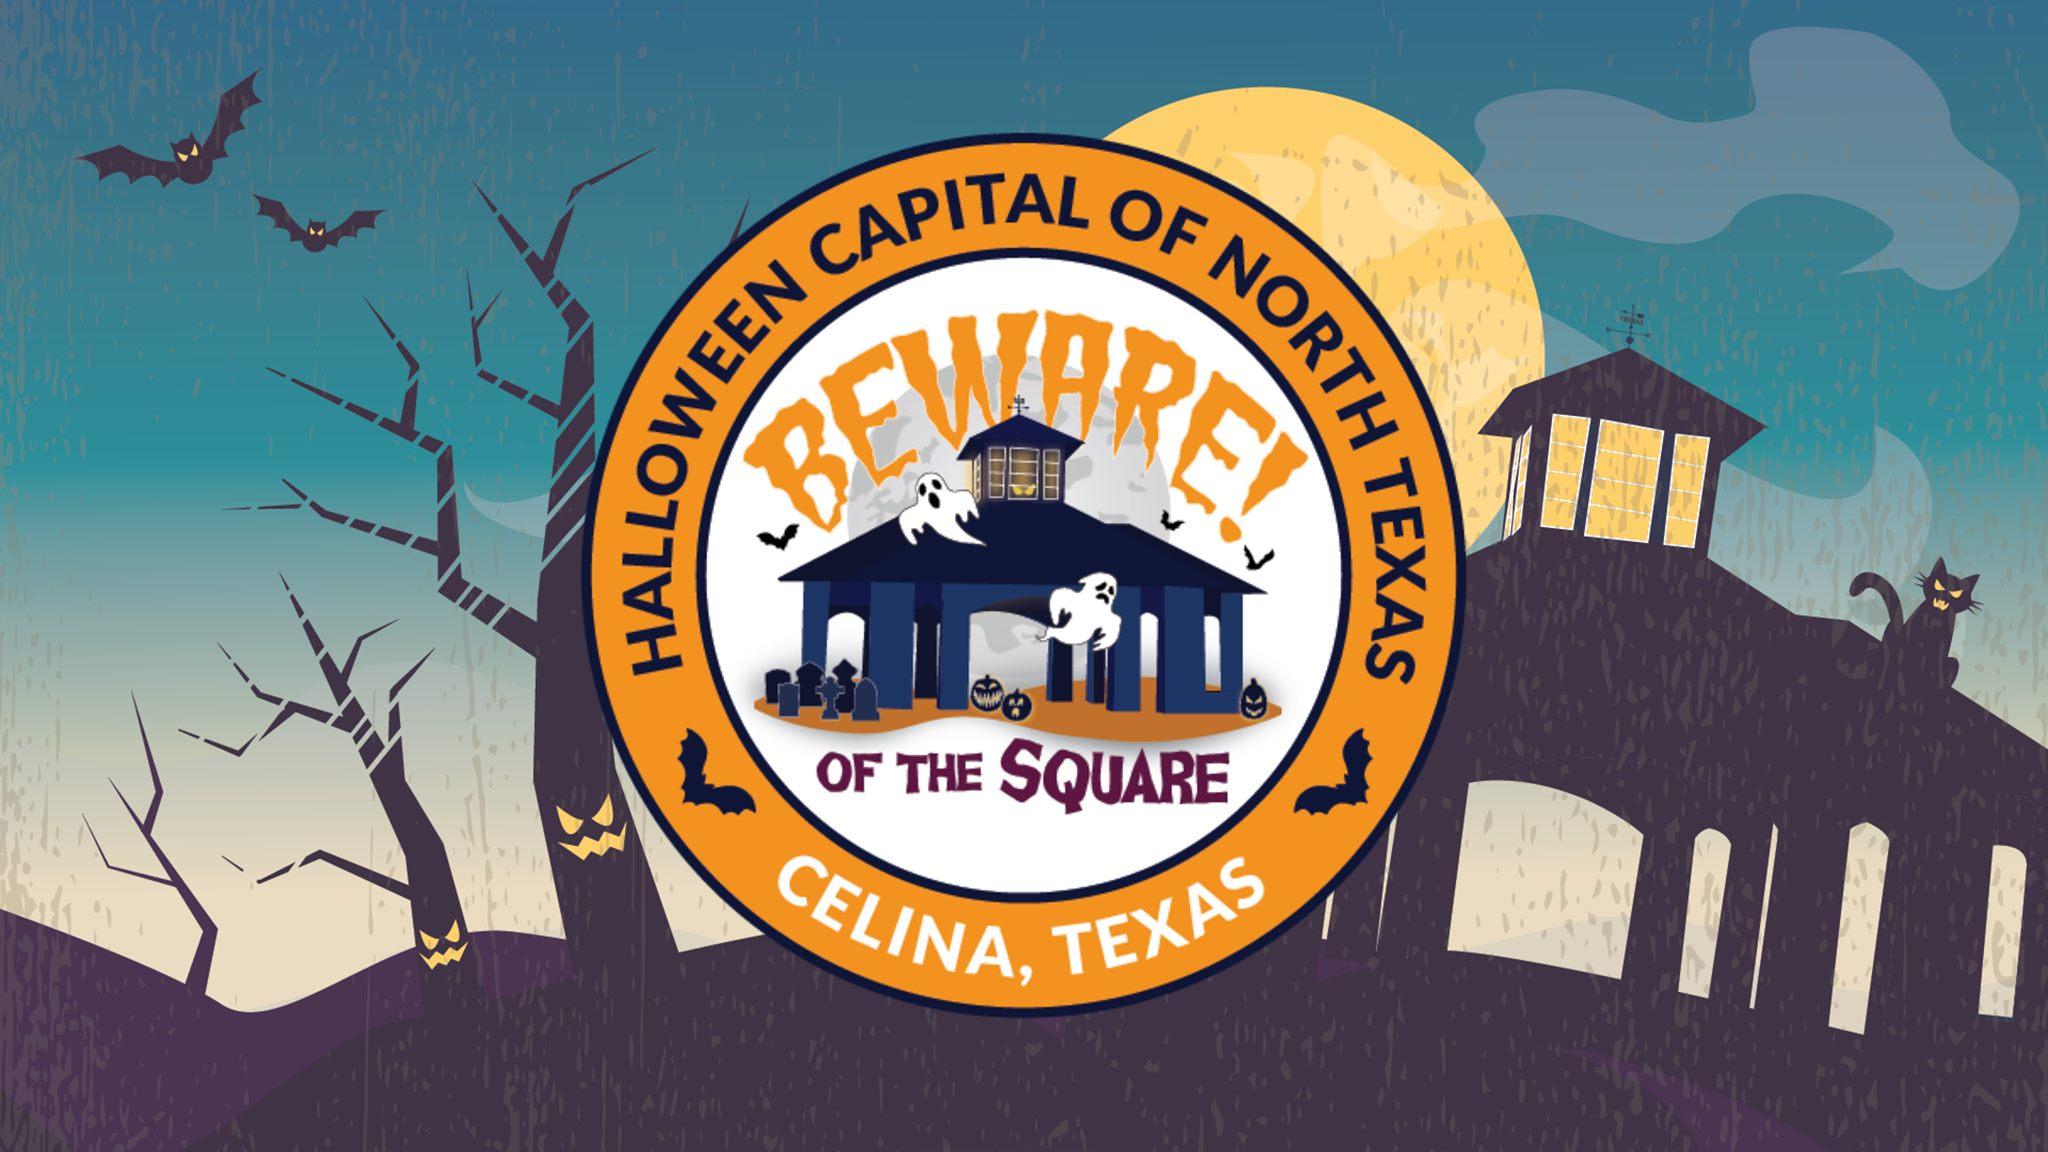 Beware! of the Square in Celina